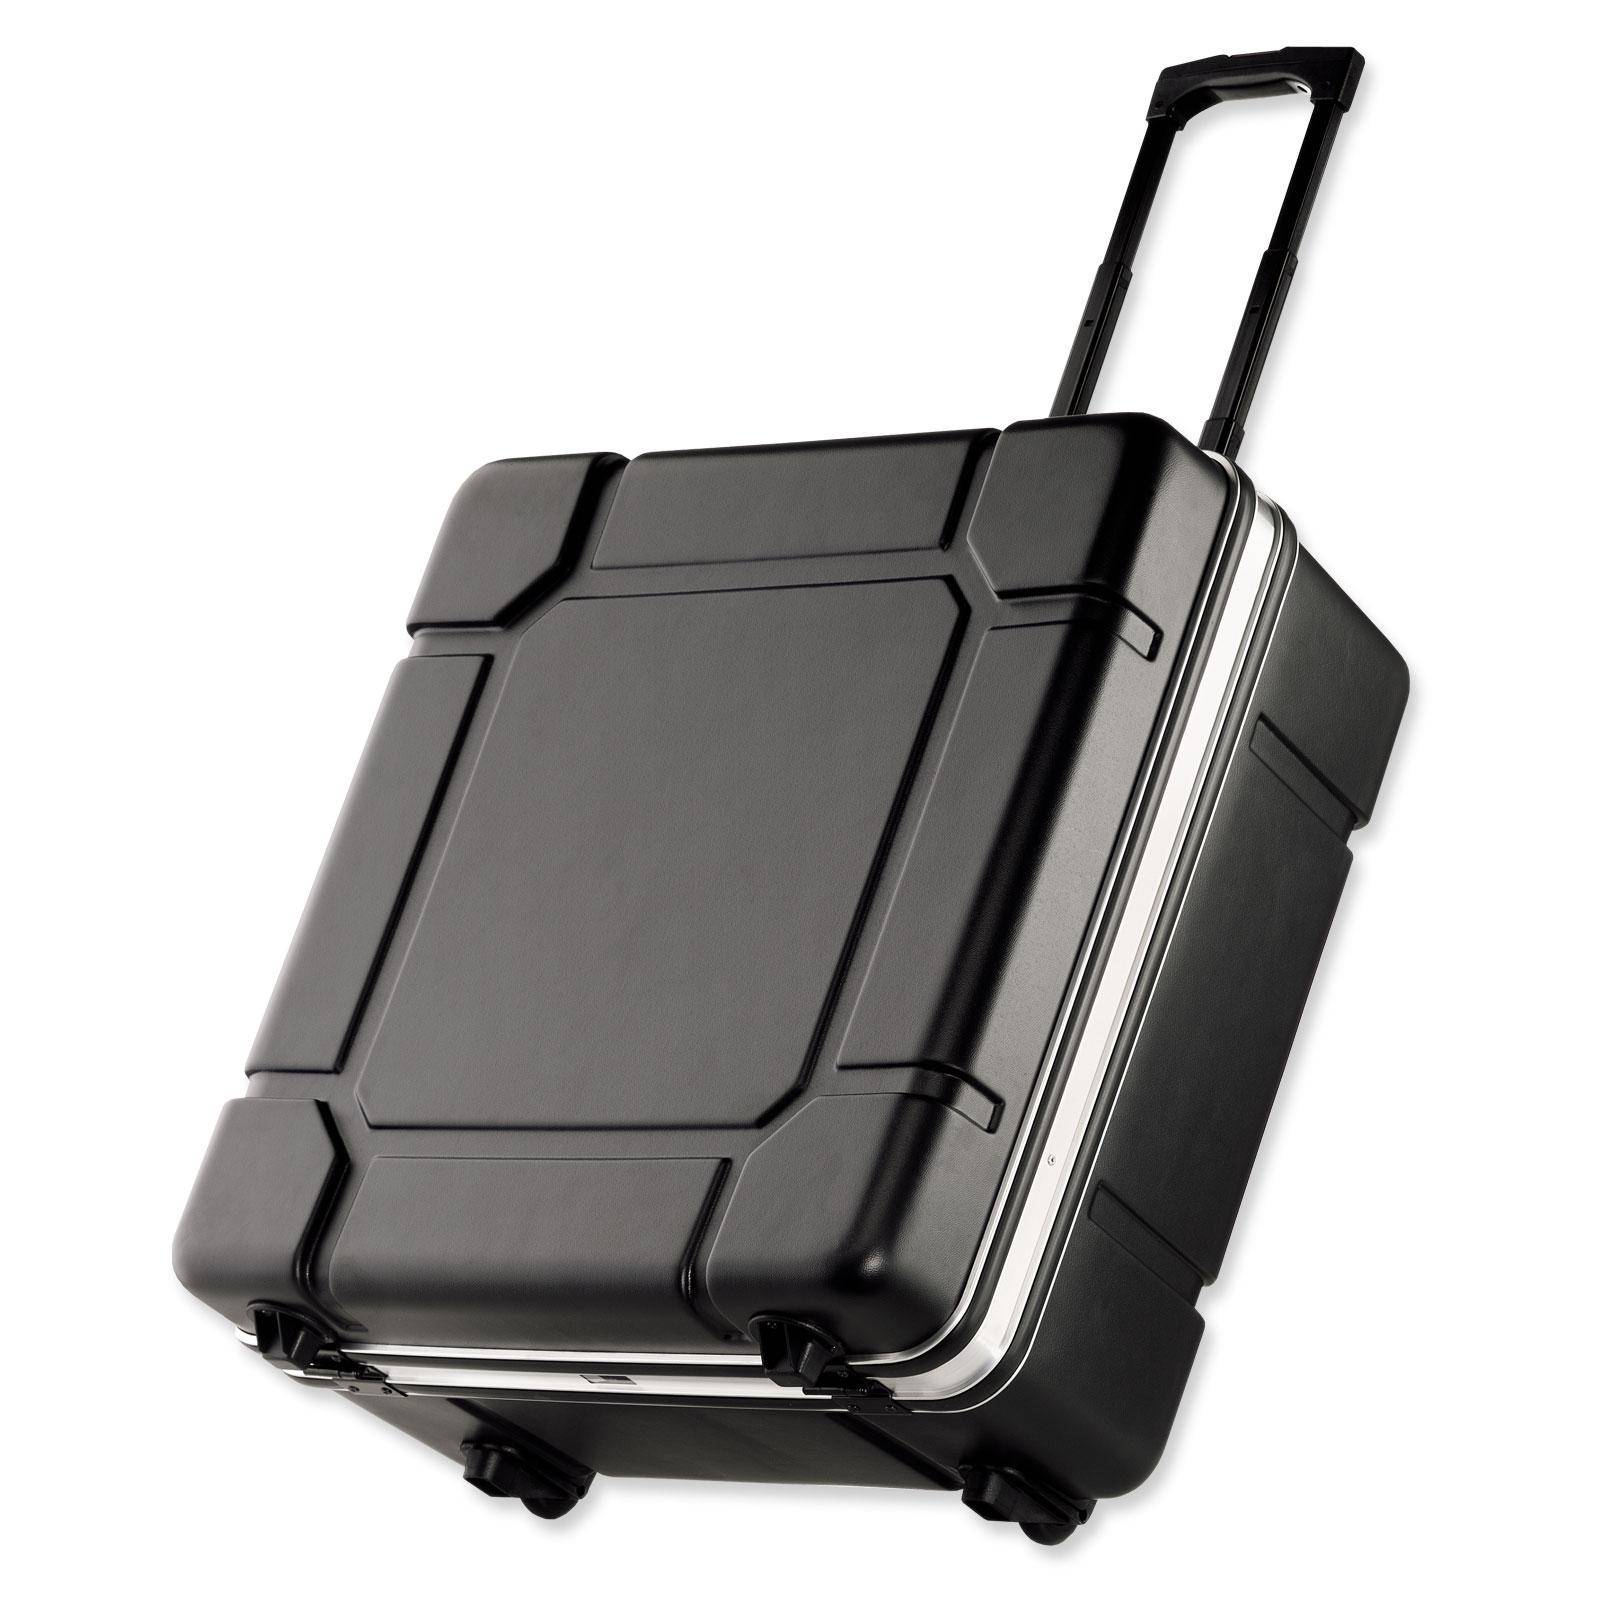 bwh koffer mobil transit fahrradkoffer schwarz 60 cm 2. Black Bedroom Furniture Sets. Home Design Ideas